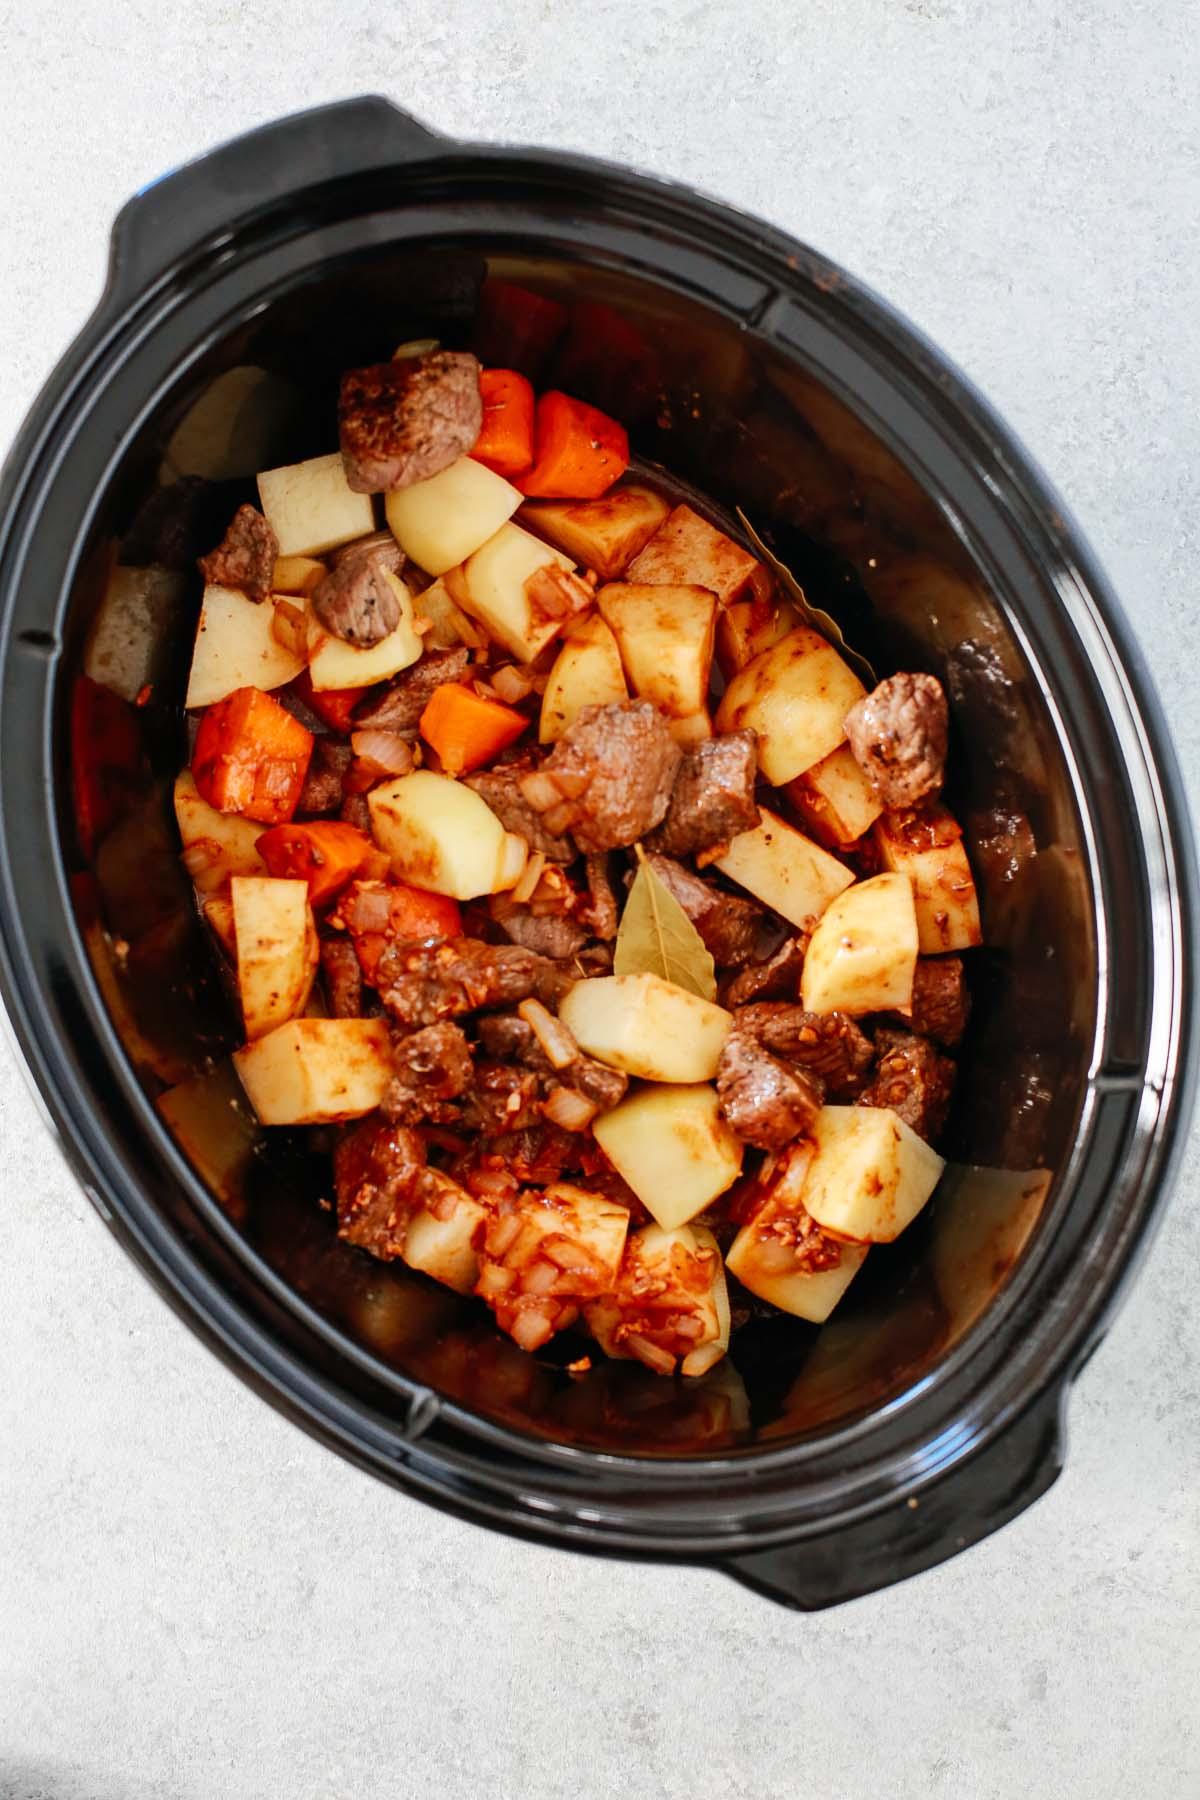 Healthy Slow Cooker Beef Stew Super Flavourful Primavera Kitchen